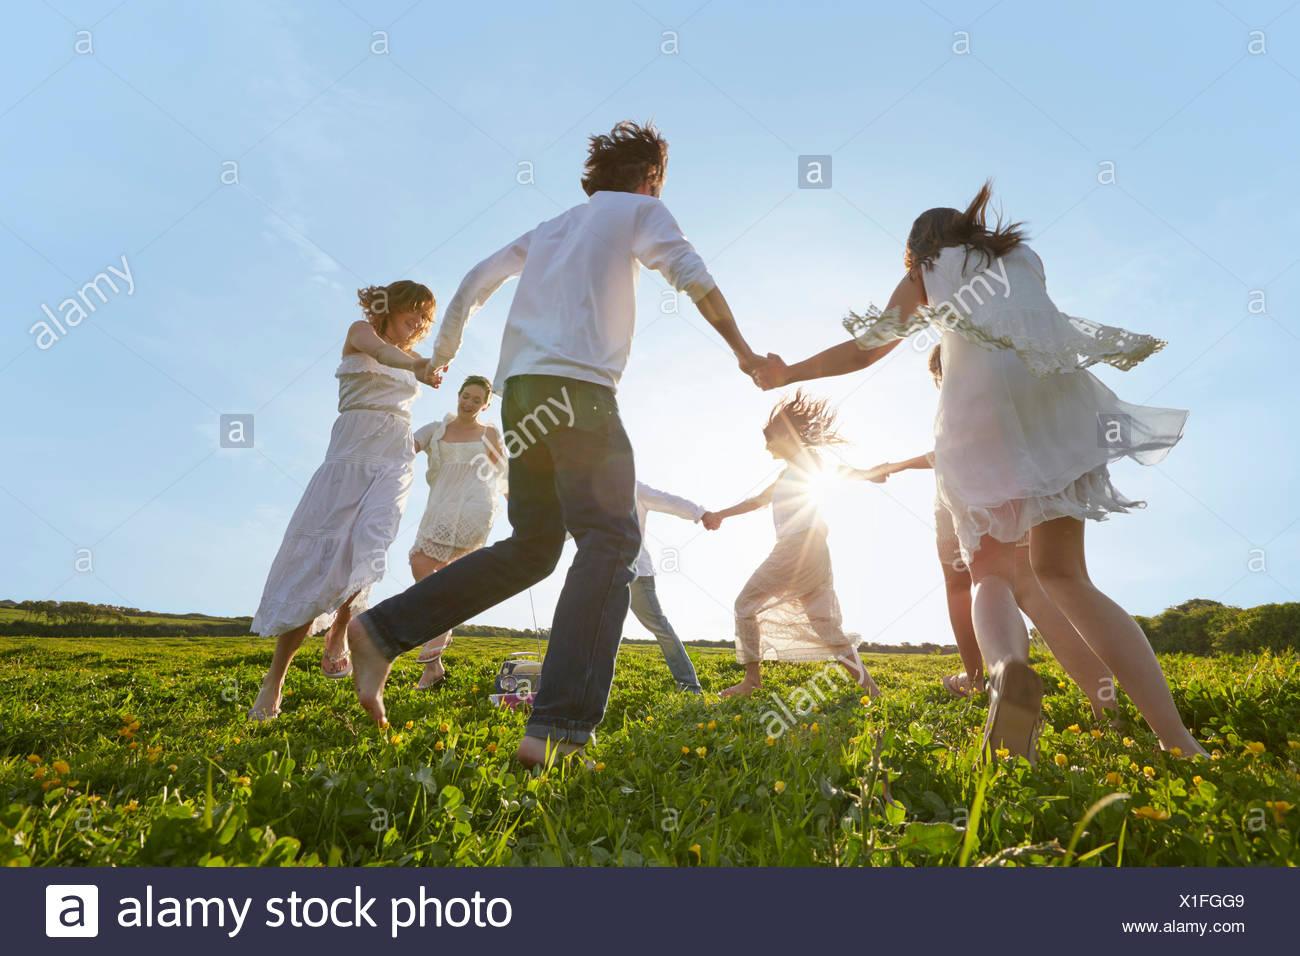 Gruppe von jungen Erwachsenen Freunden spielen Ring-a-Rosie im Feld Stockbild